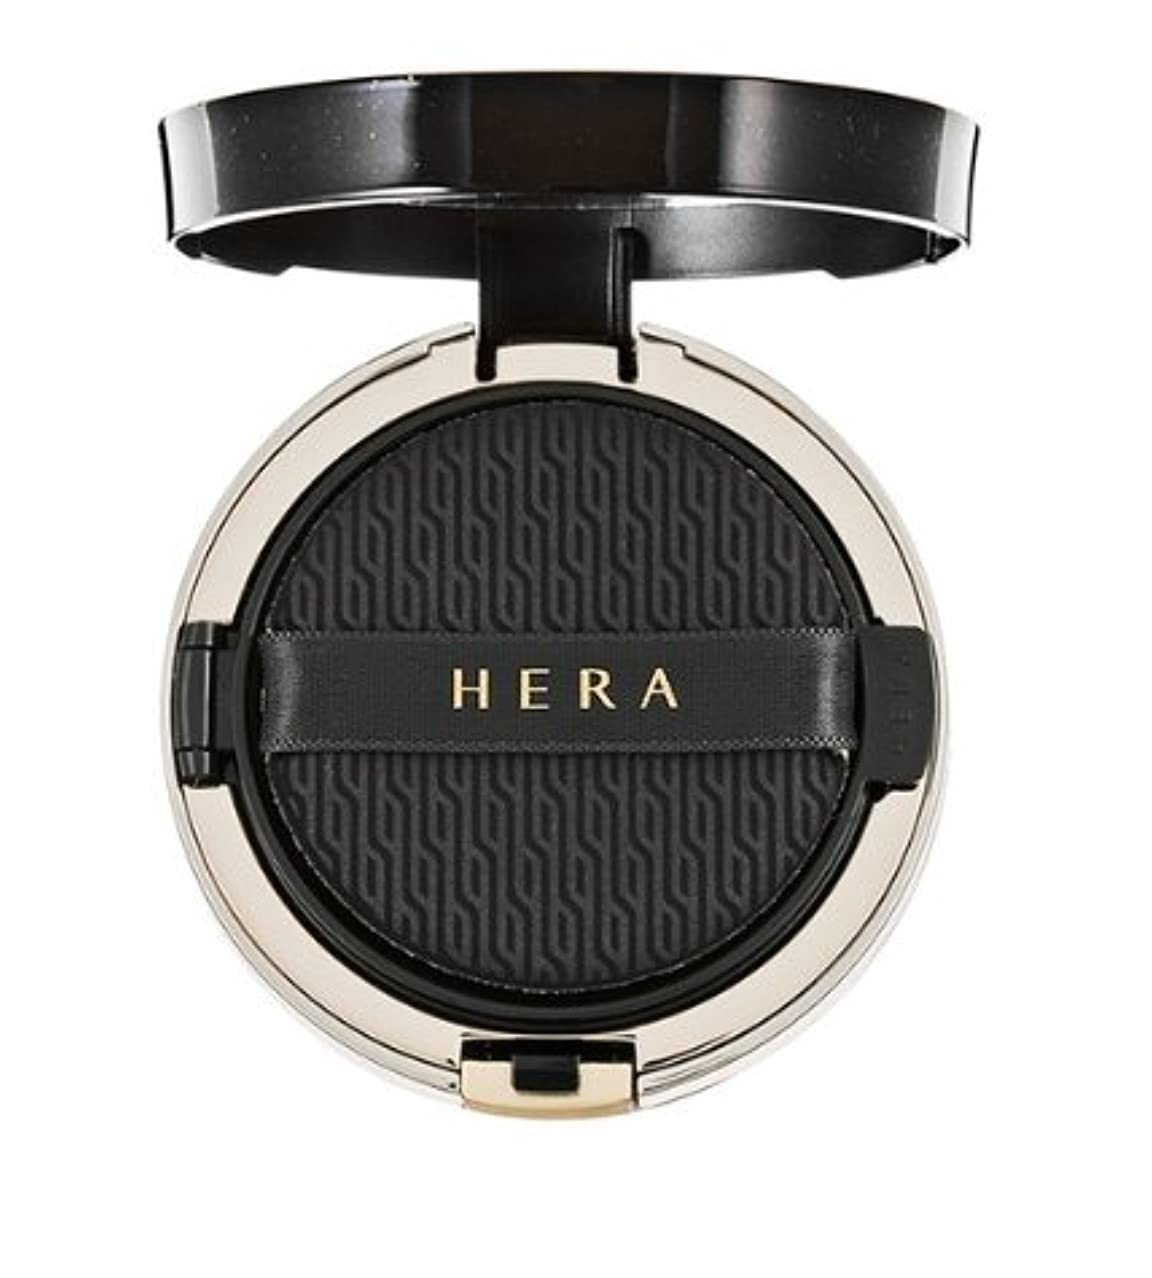 旅セミナー協会(ヘラ) Hera ブラッククッション SPF34/PA++ 本品15g+リフィール15g / Black Cushion SPF34/PA++ 15g+Refil15g (No.21 banila) (韓国直発送) shumaman